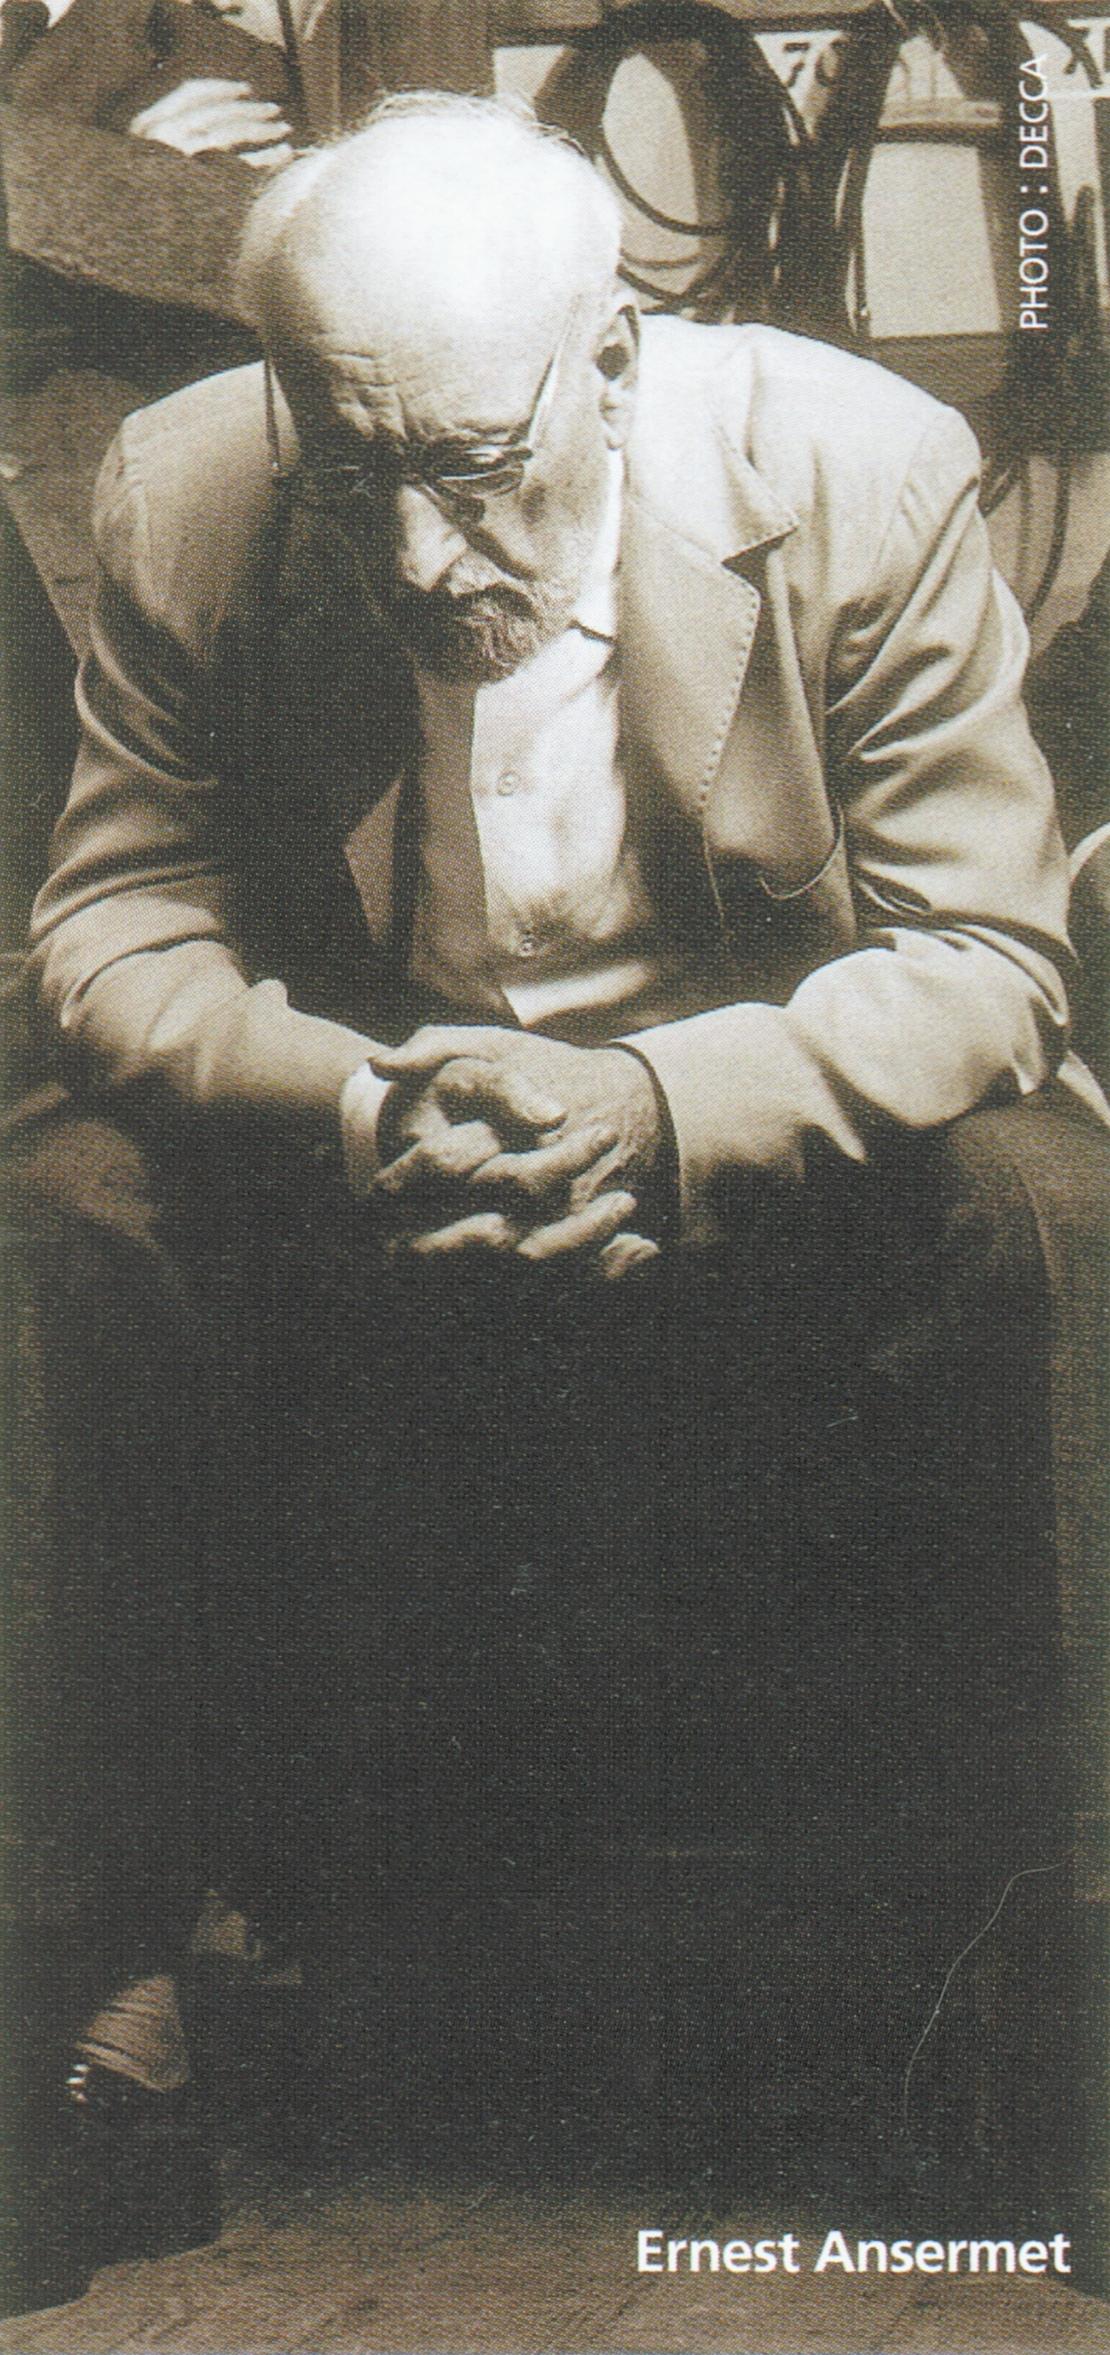 Ernest ANSERMET écoutant un enregistrement, photo de presse DECCA, cliquer pour une vue agrandie